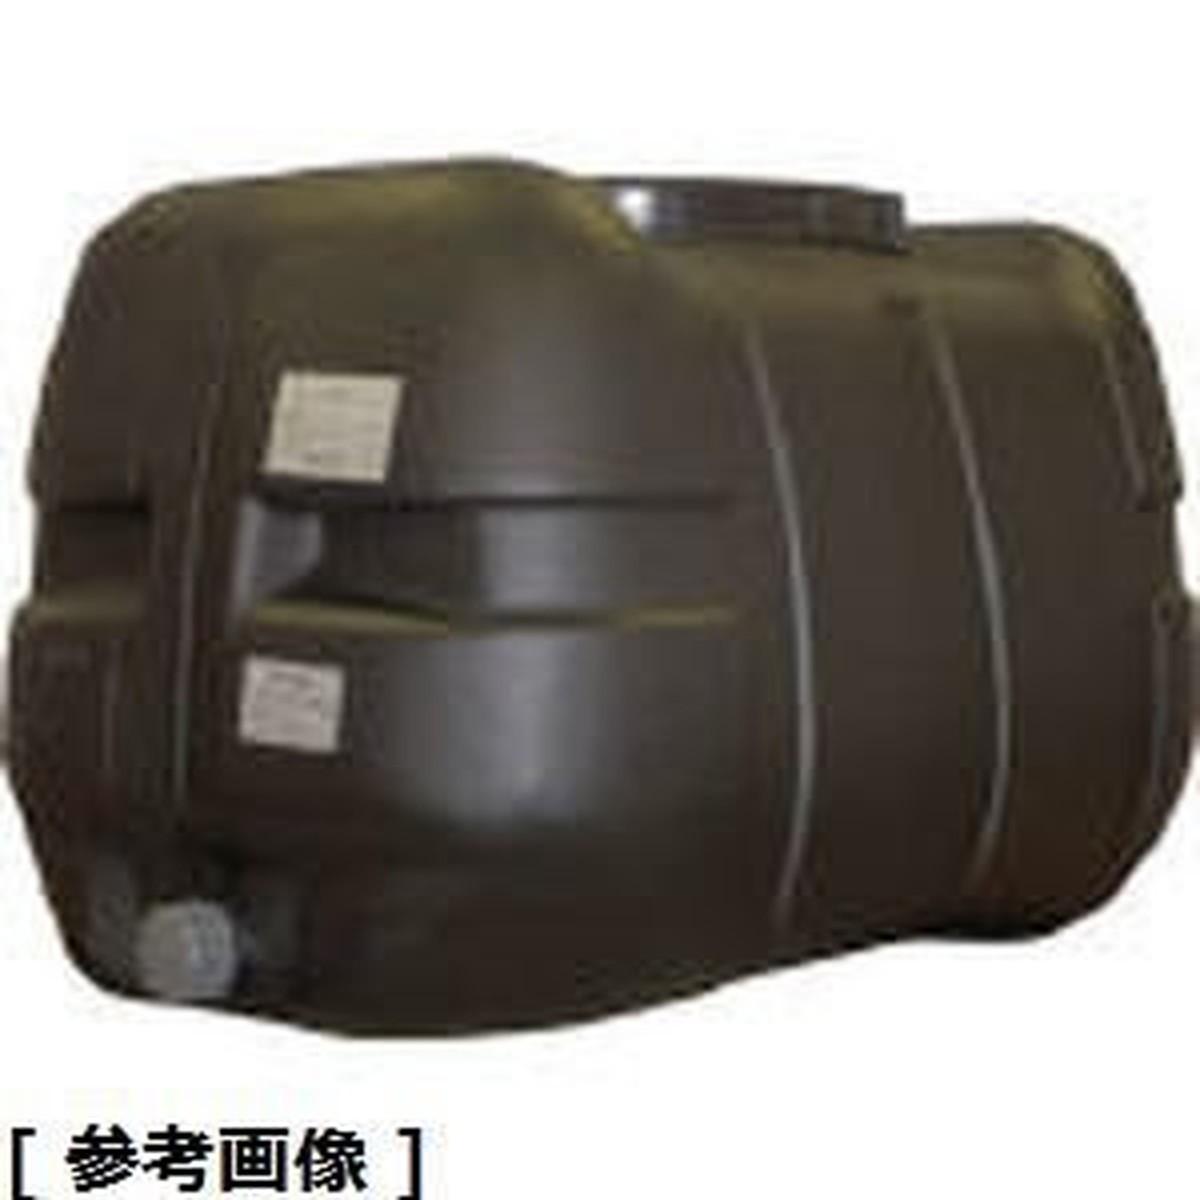 コダマ タマローリー300L AT-300B ブラック AT300BBK-2194 【7972920